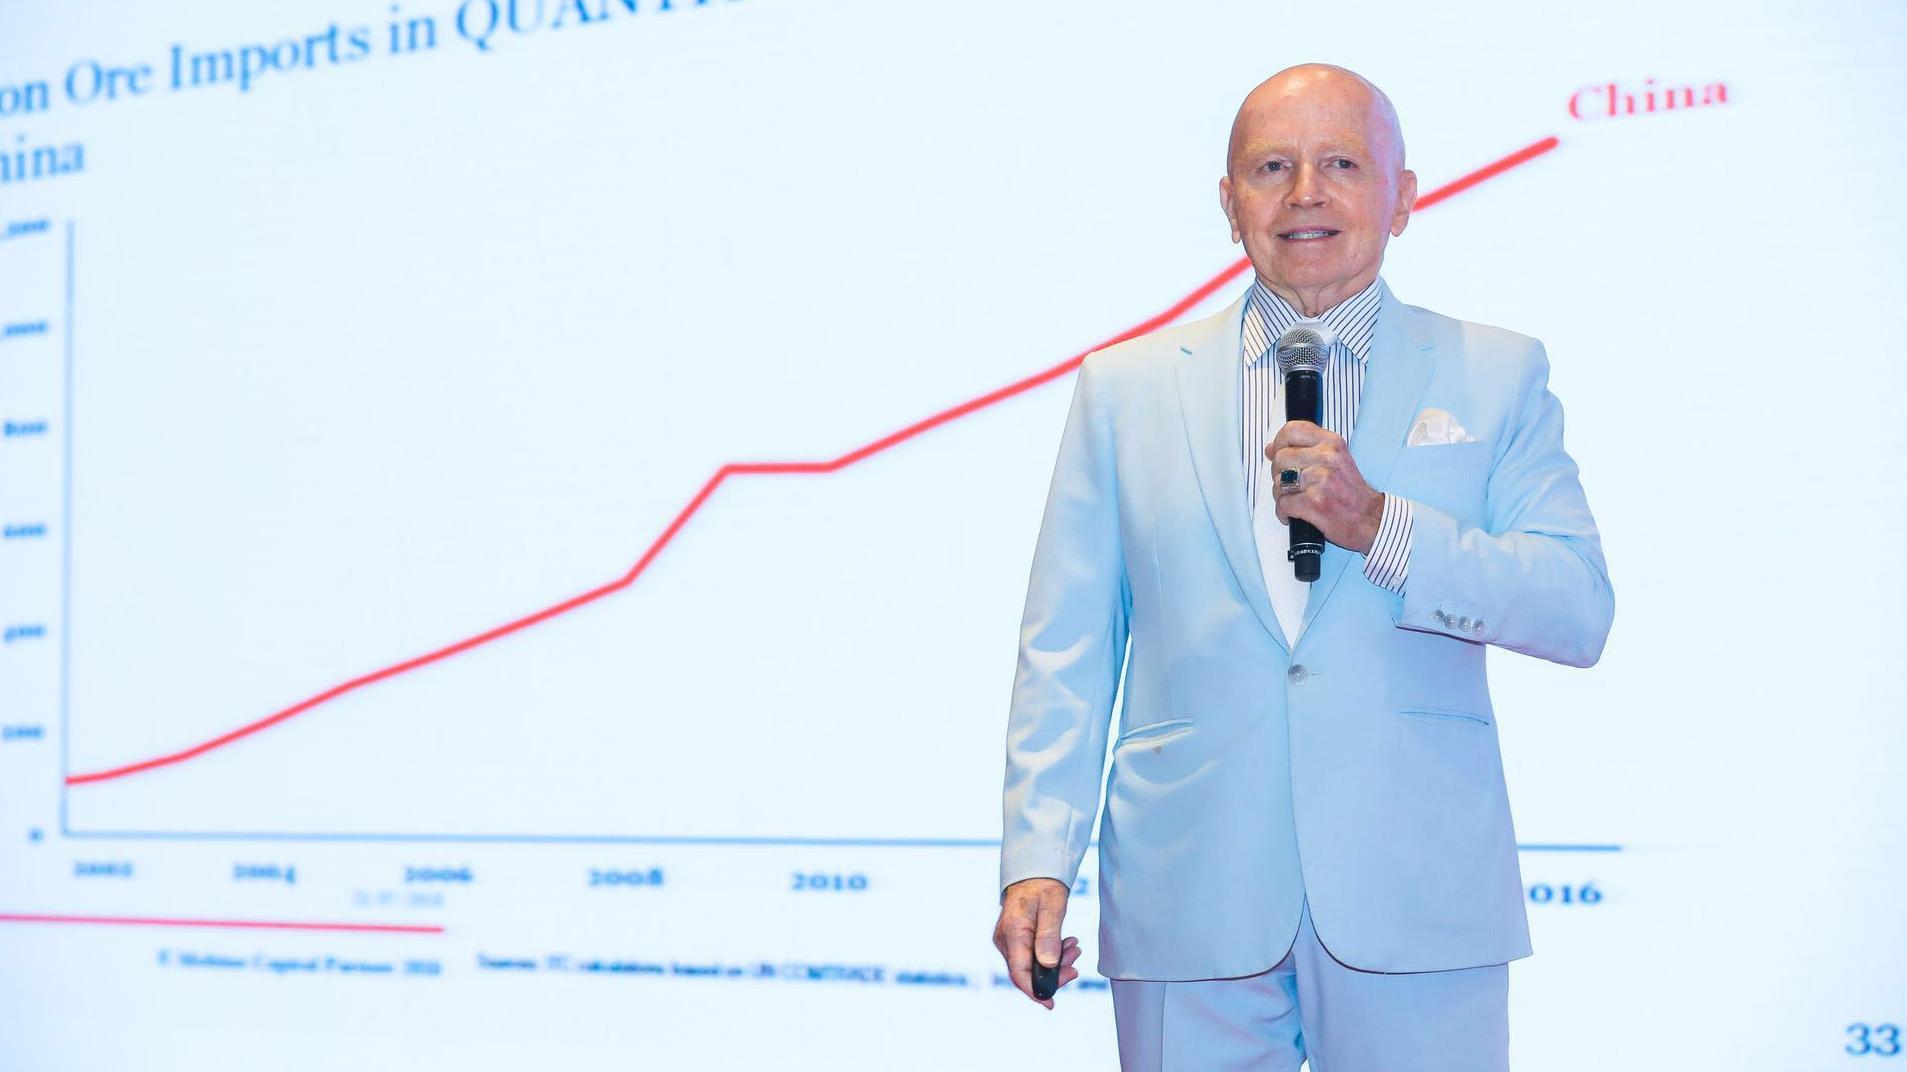 马克·墨比尔斯:黄金投资市场未来可期